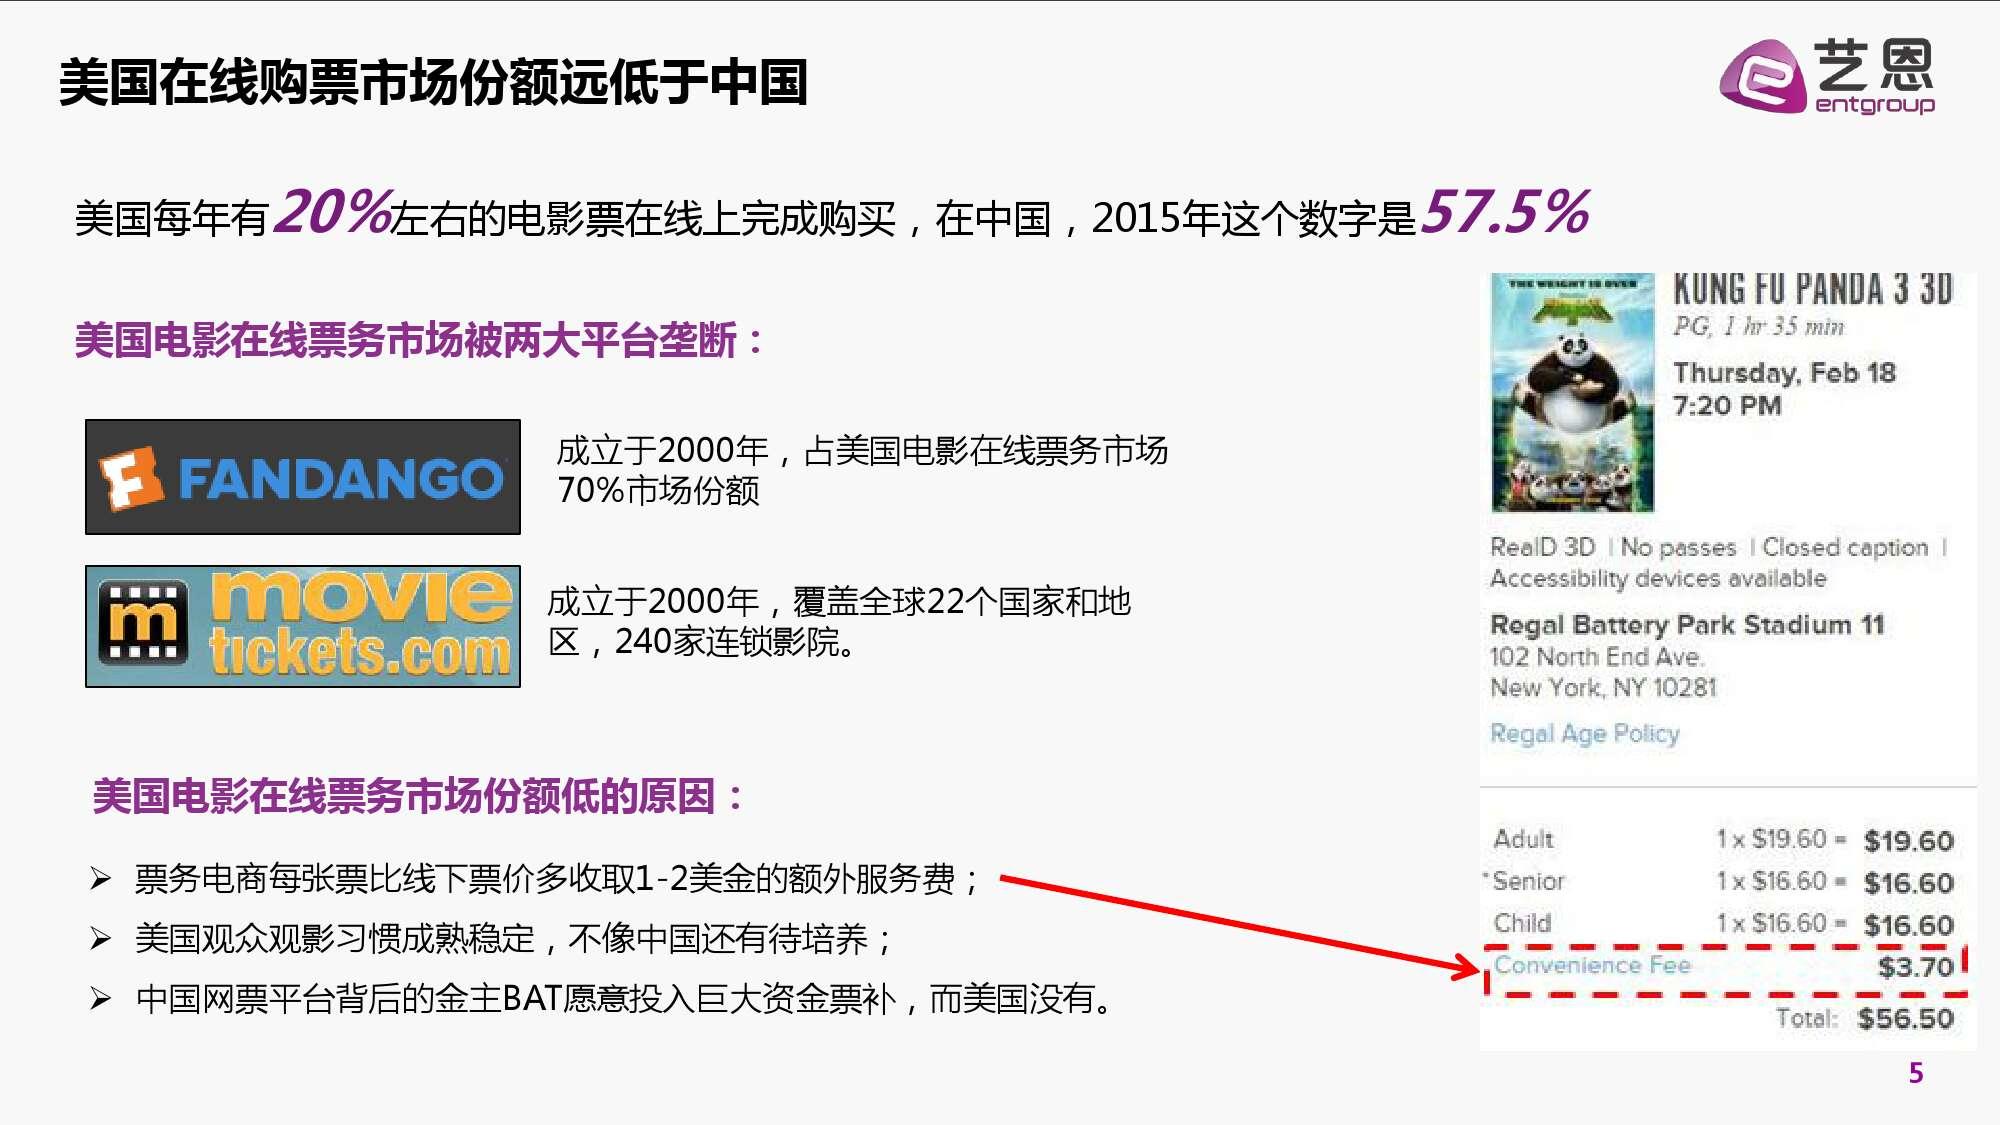 2016年中国电影在线票务市场研究报告_000005